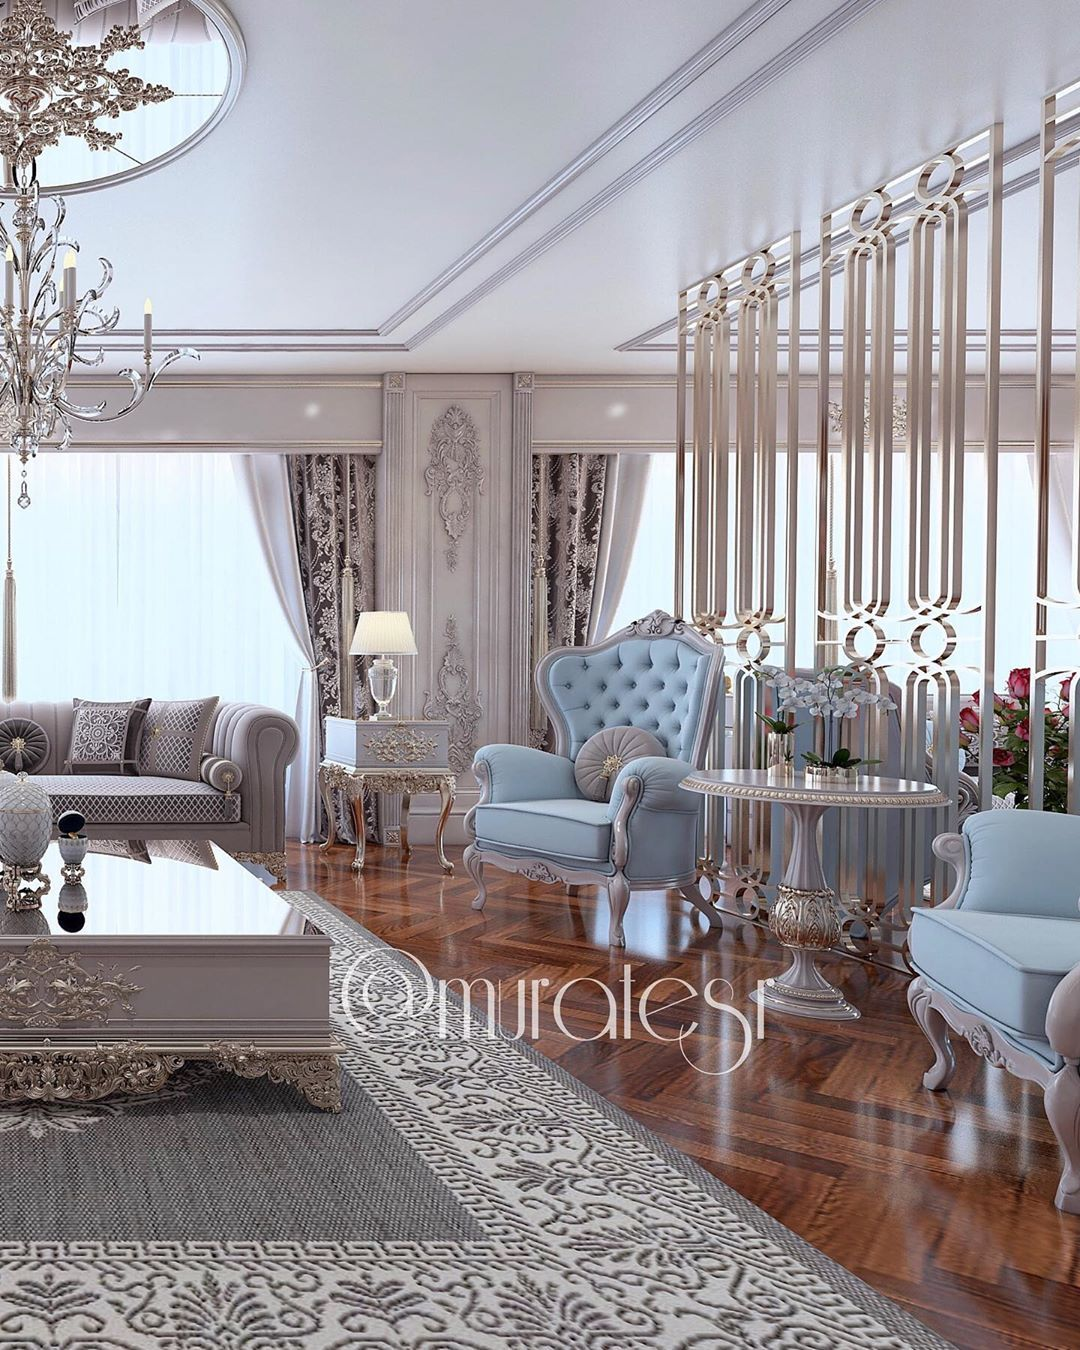 Murat Gulercoban On Instagram Customer Project Home Design Living Room Living Room Design Decor Luxury Living Room